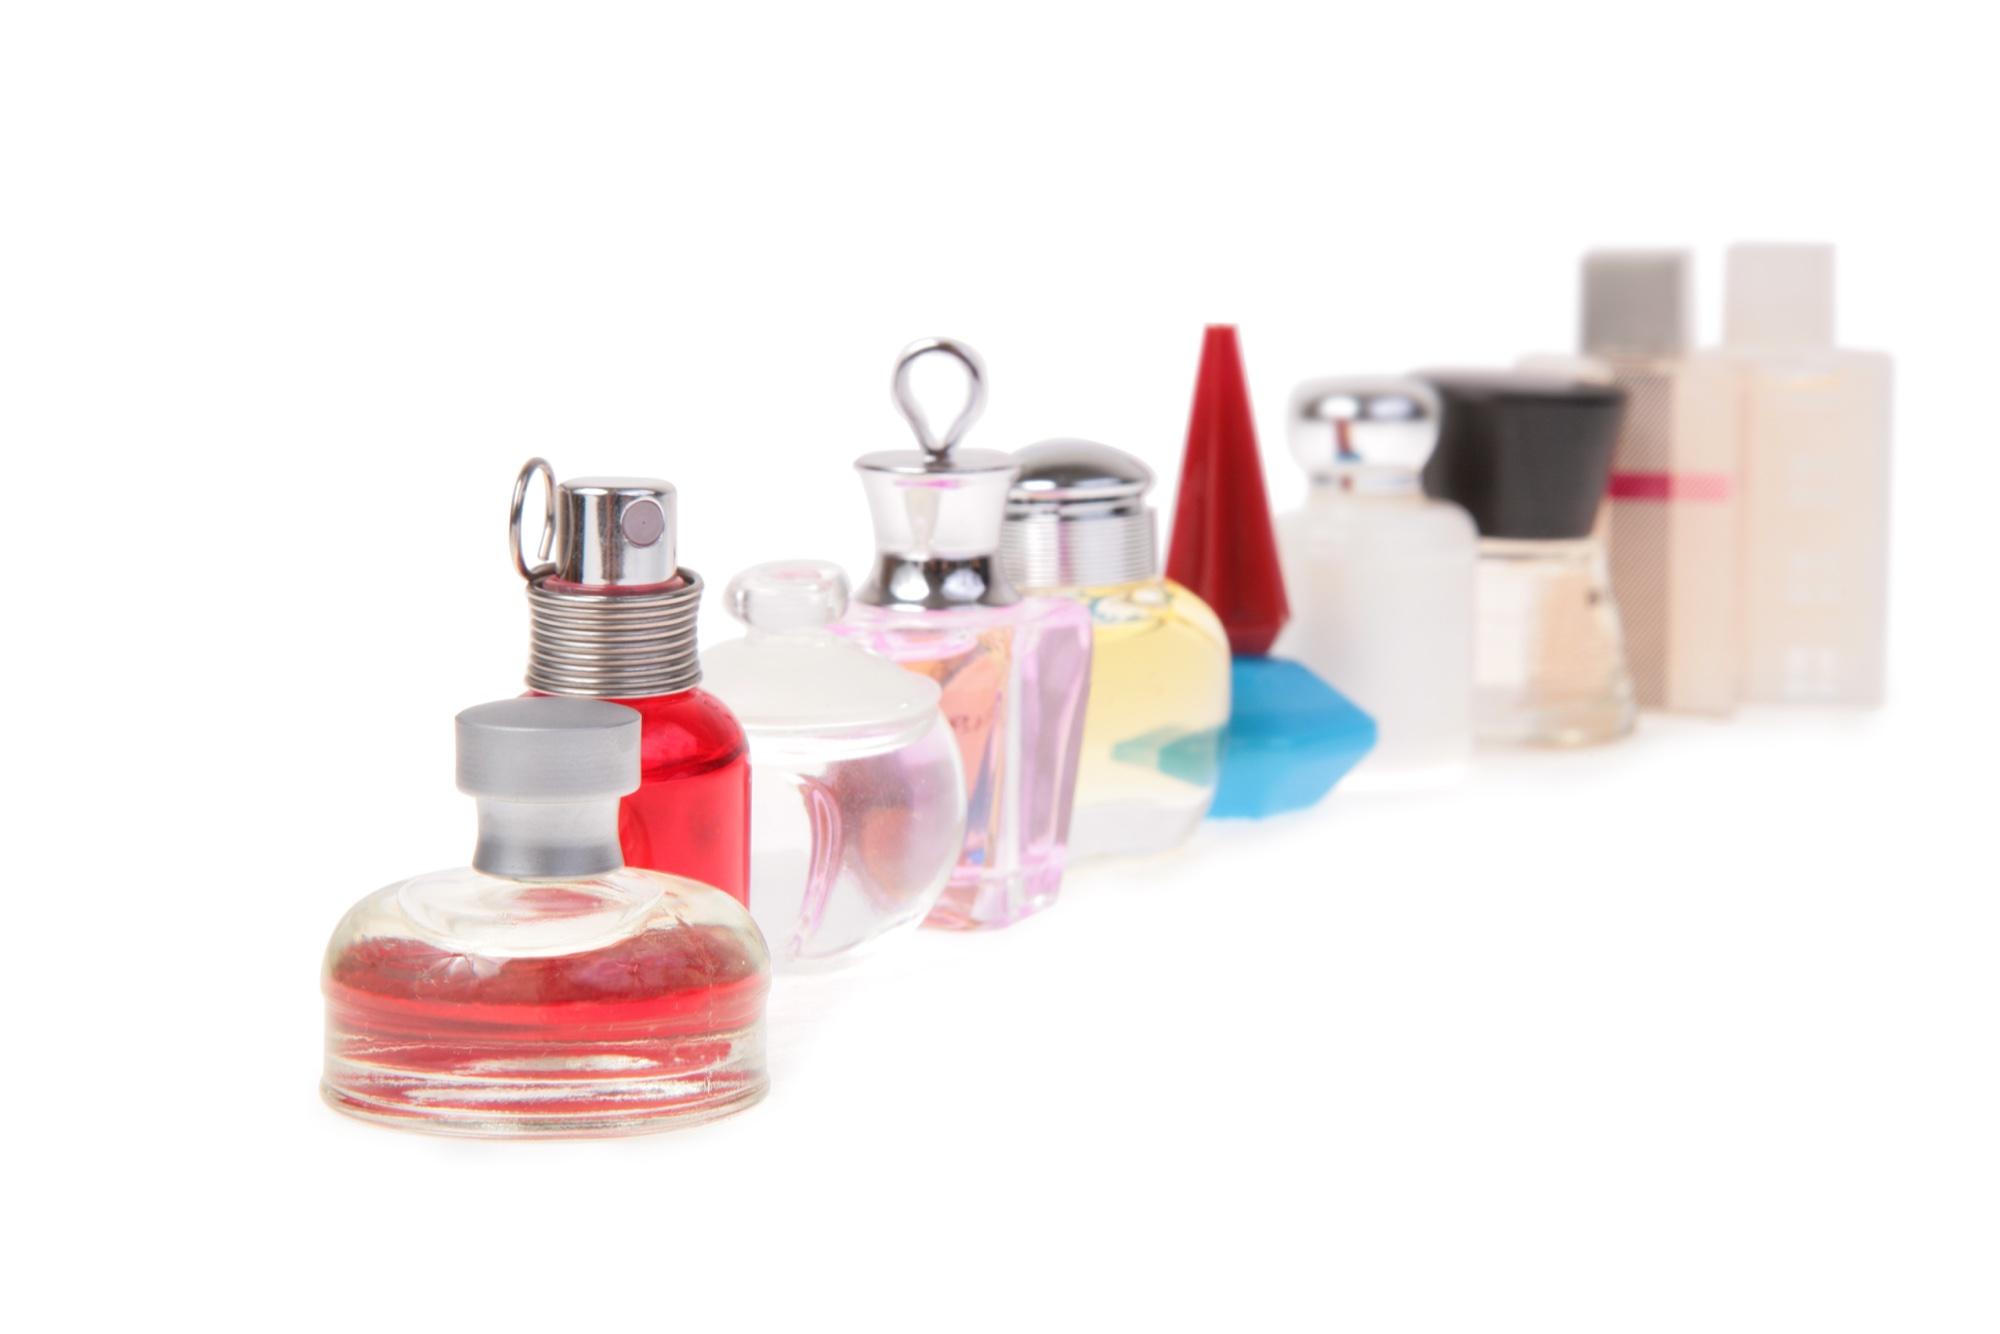 Odour testing fragrances